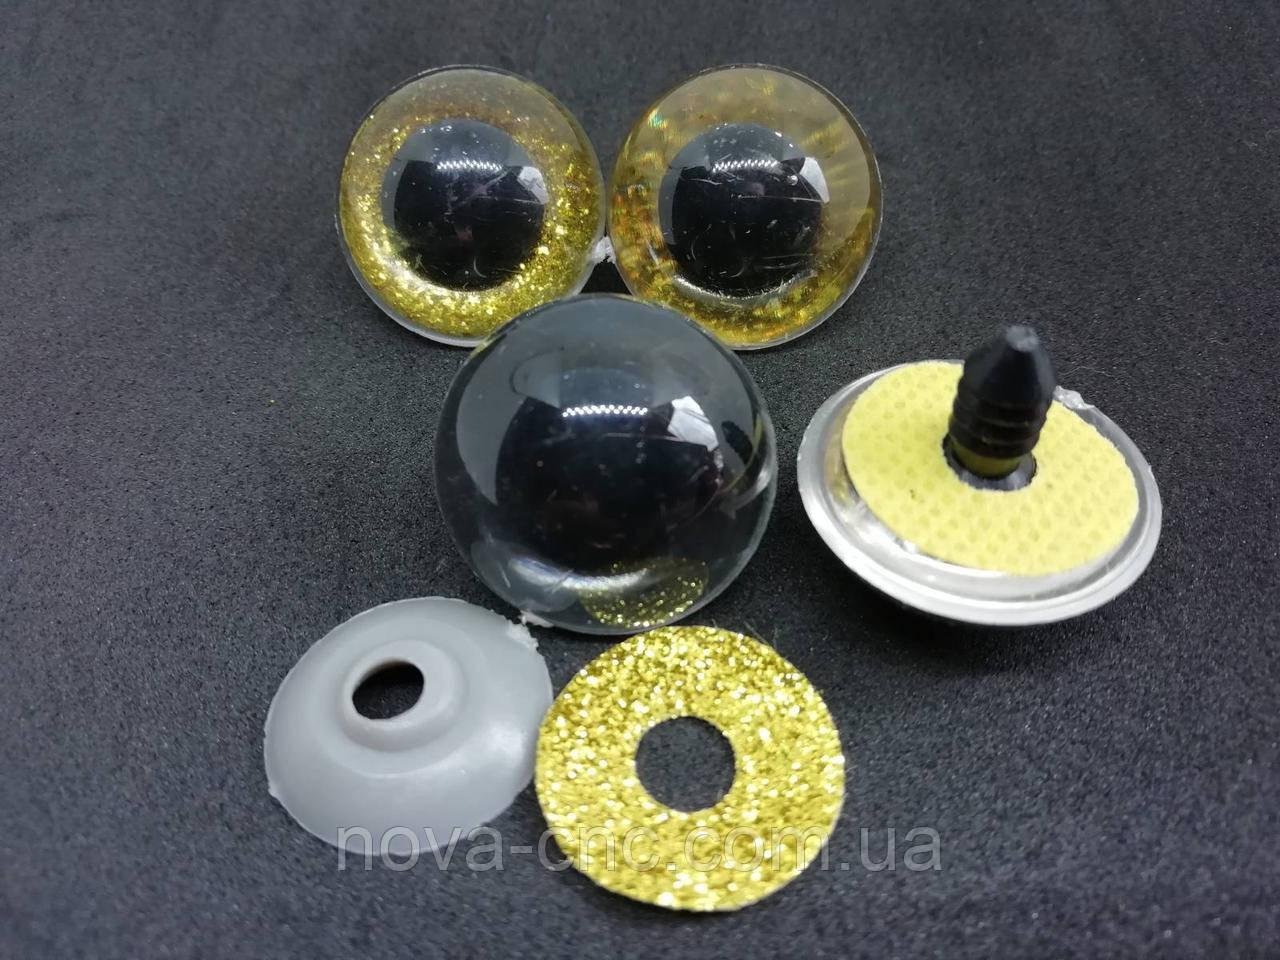 Глазки Акриловые для игрушек с глитерной цветной подложкой и пластиковым крепежом 30 мм Цвет золото